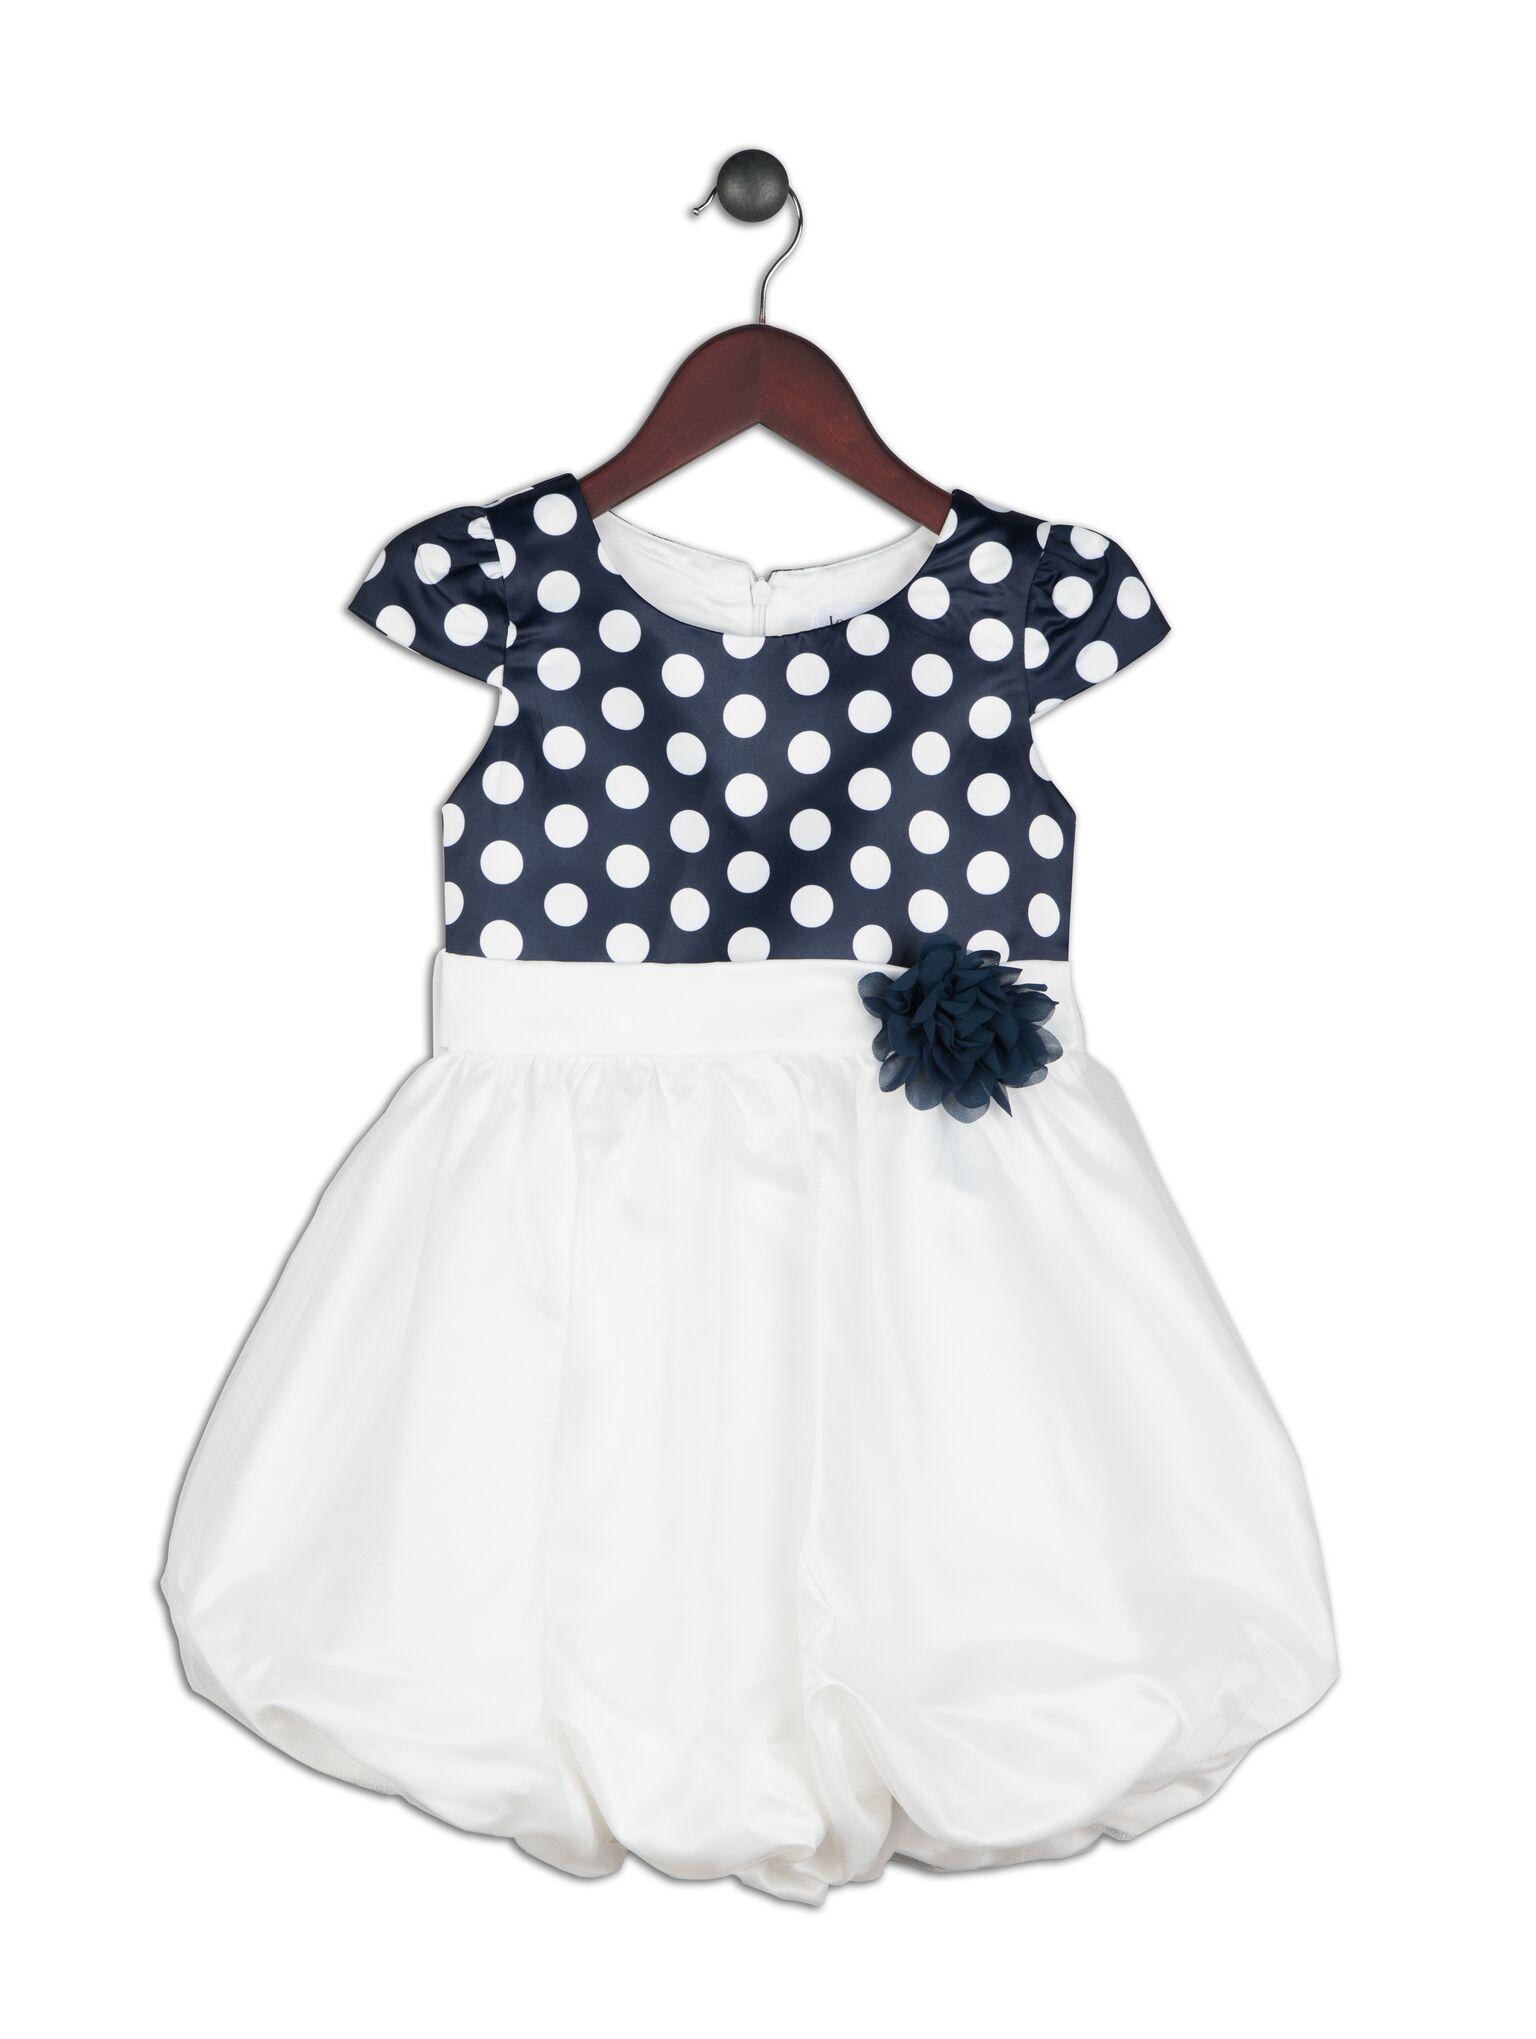 Joe and Ella Fashion Dievčenské šaty Tilly balónové - modro-biele ... 3b0af220c6c